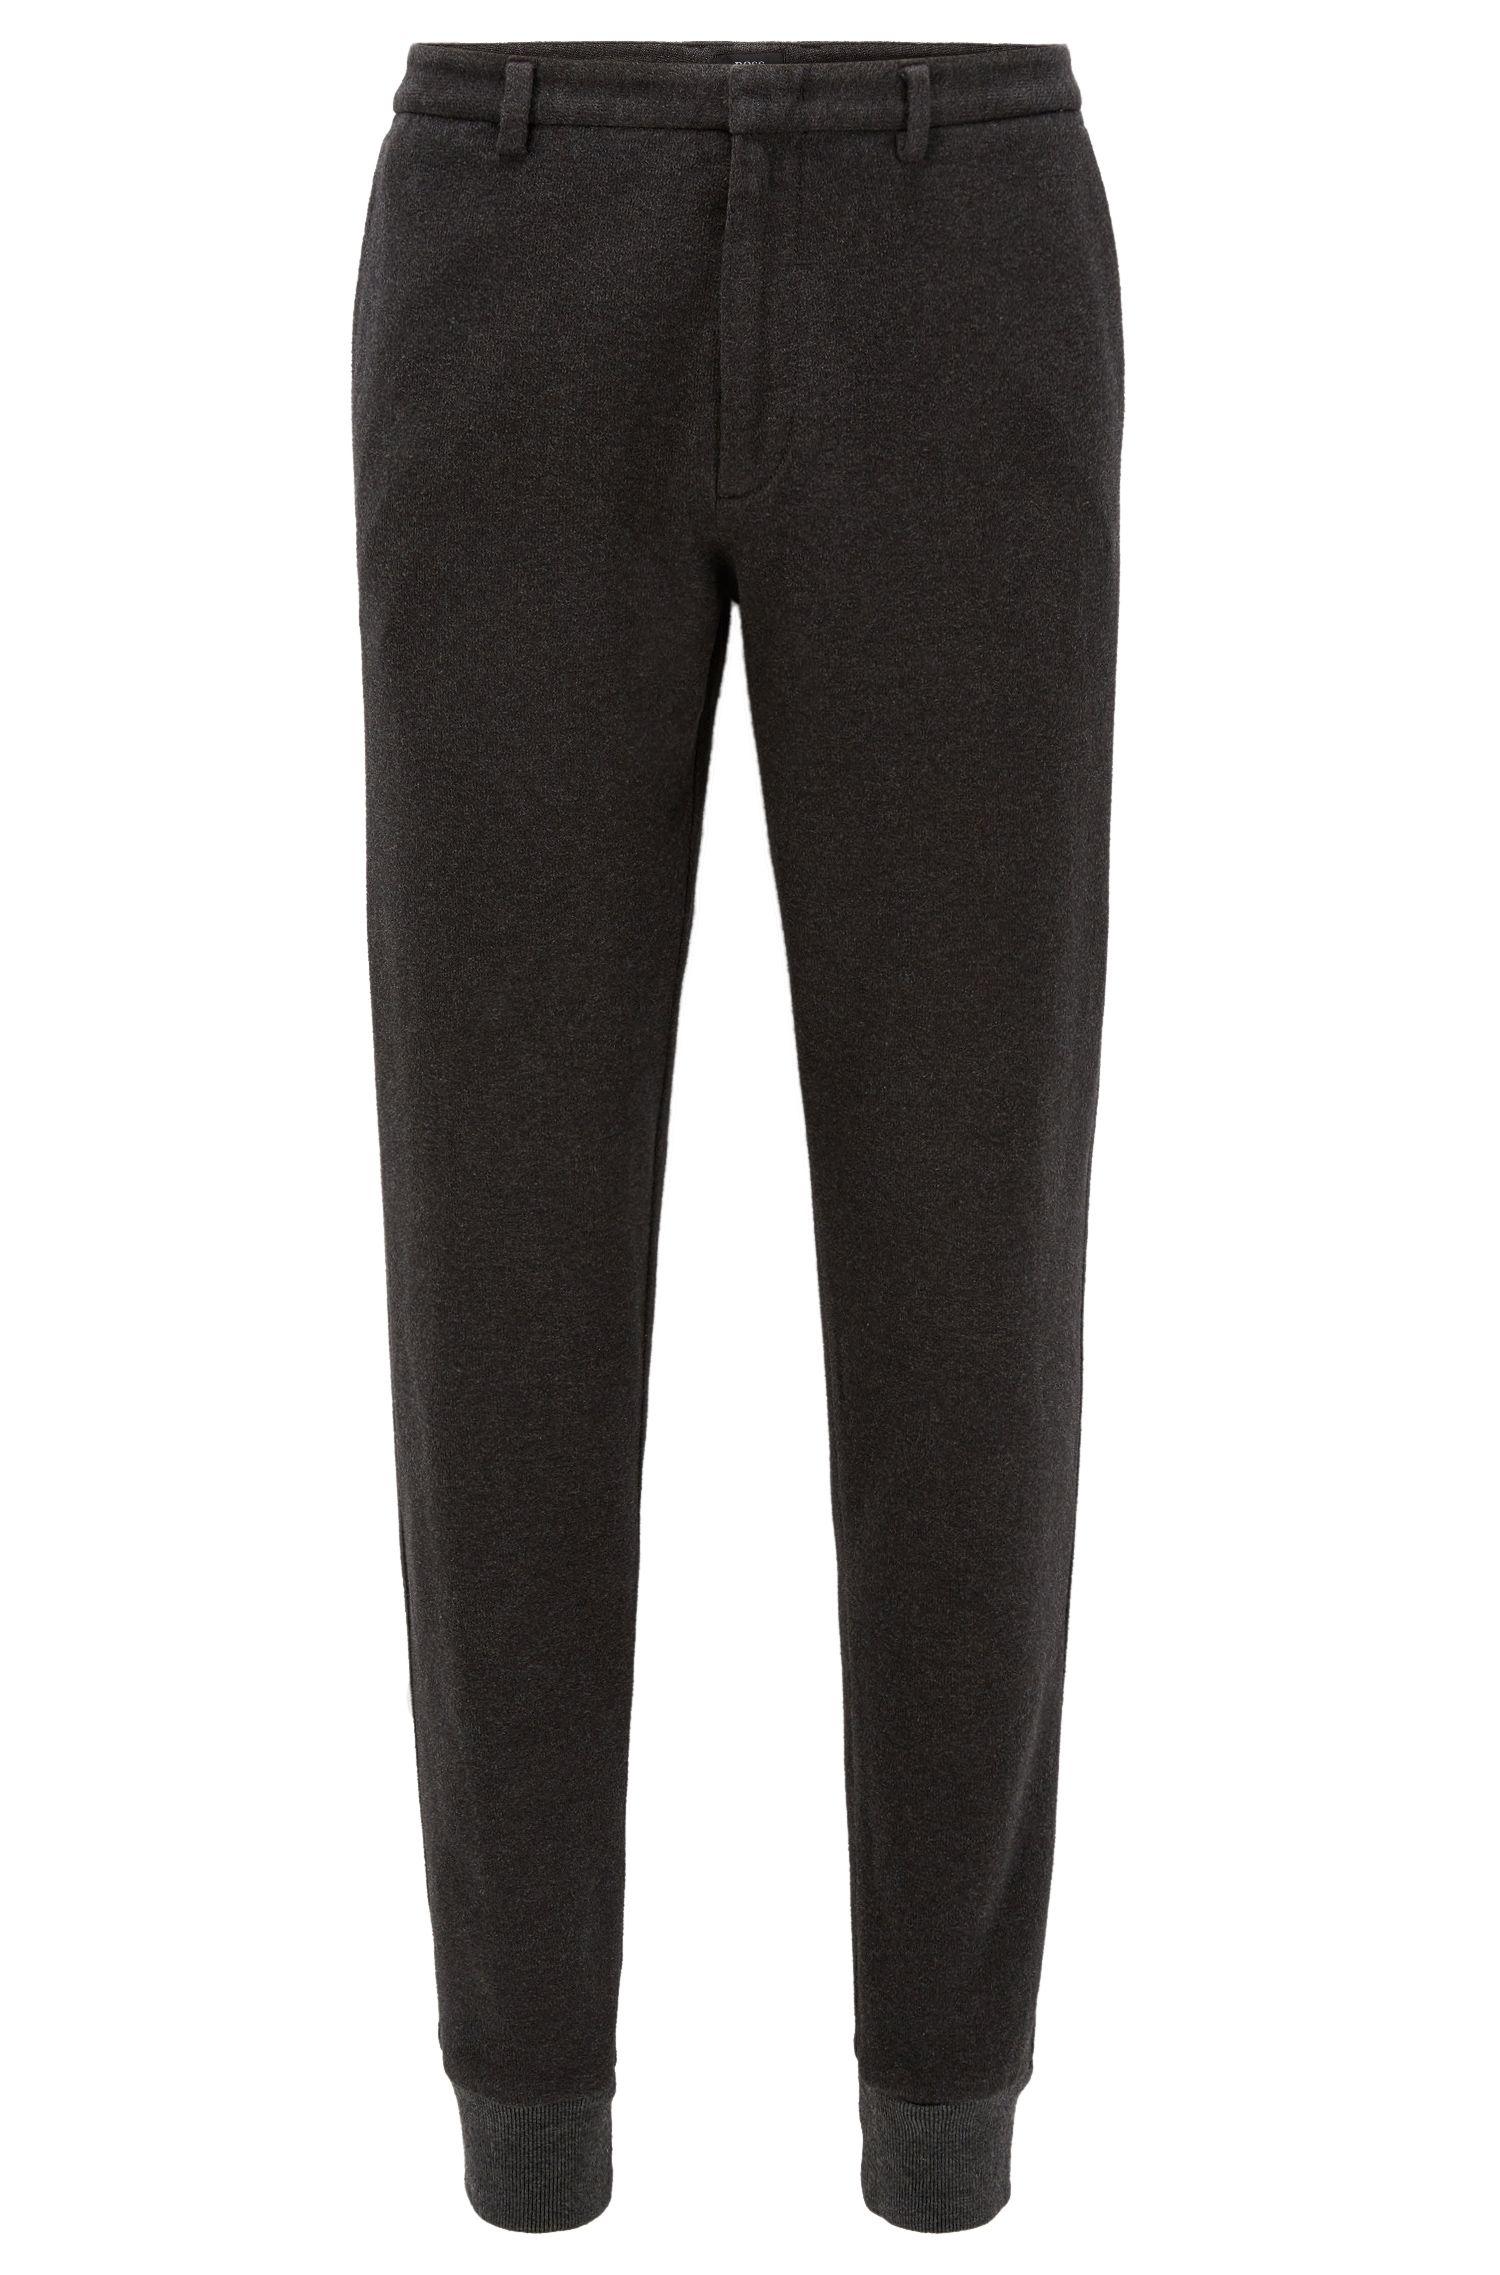 Pantalones slim fit en algodón cepillado con puños